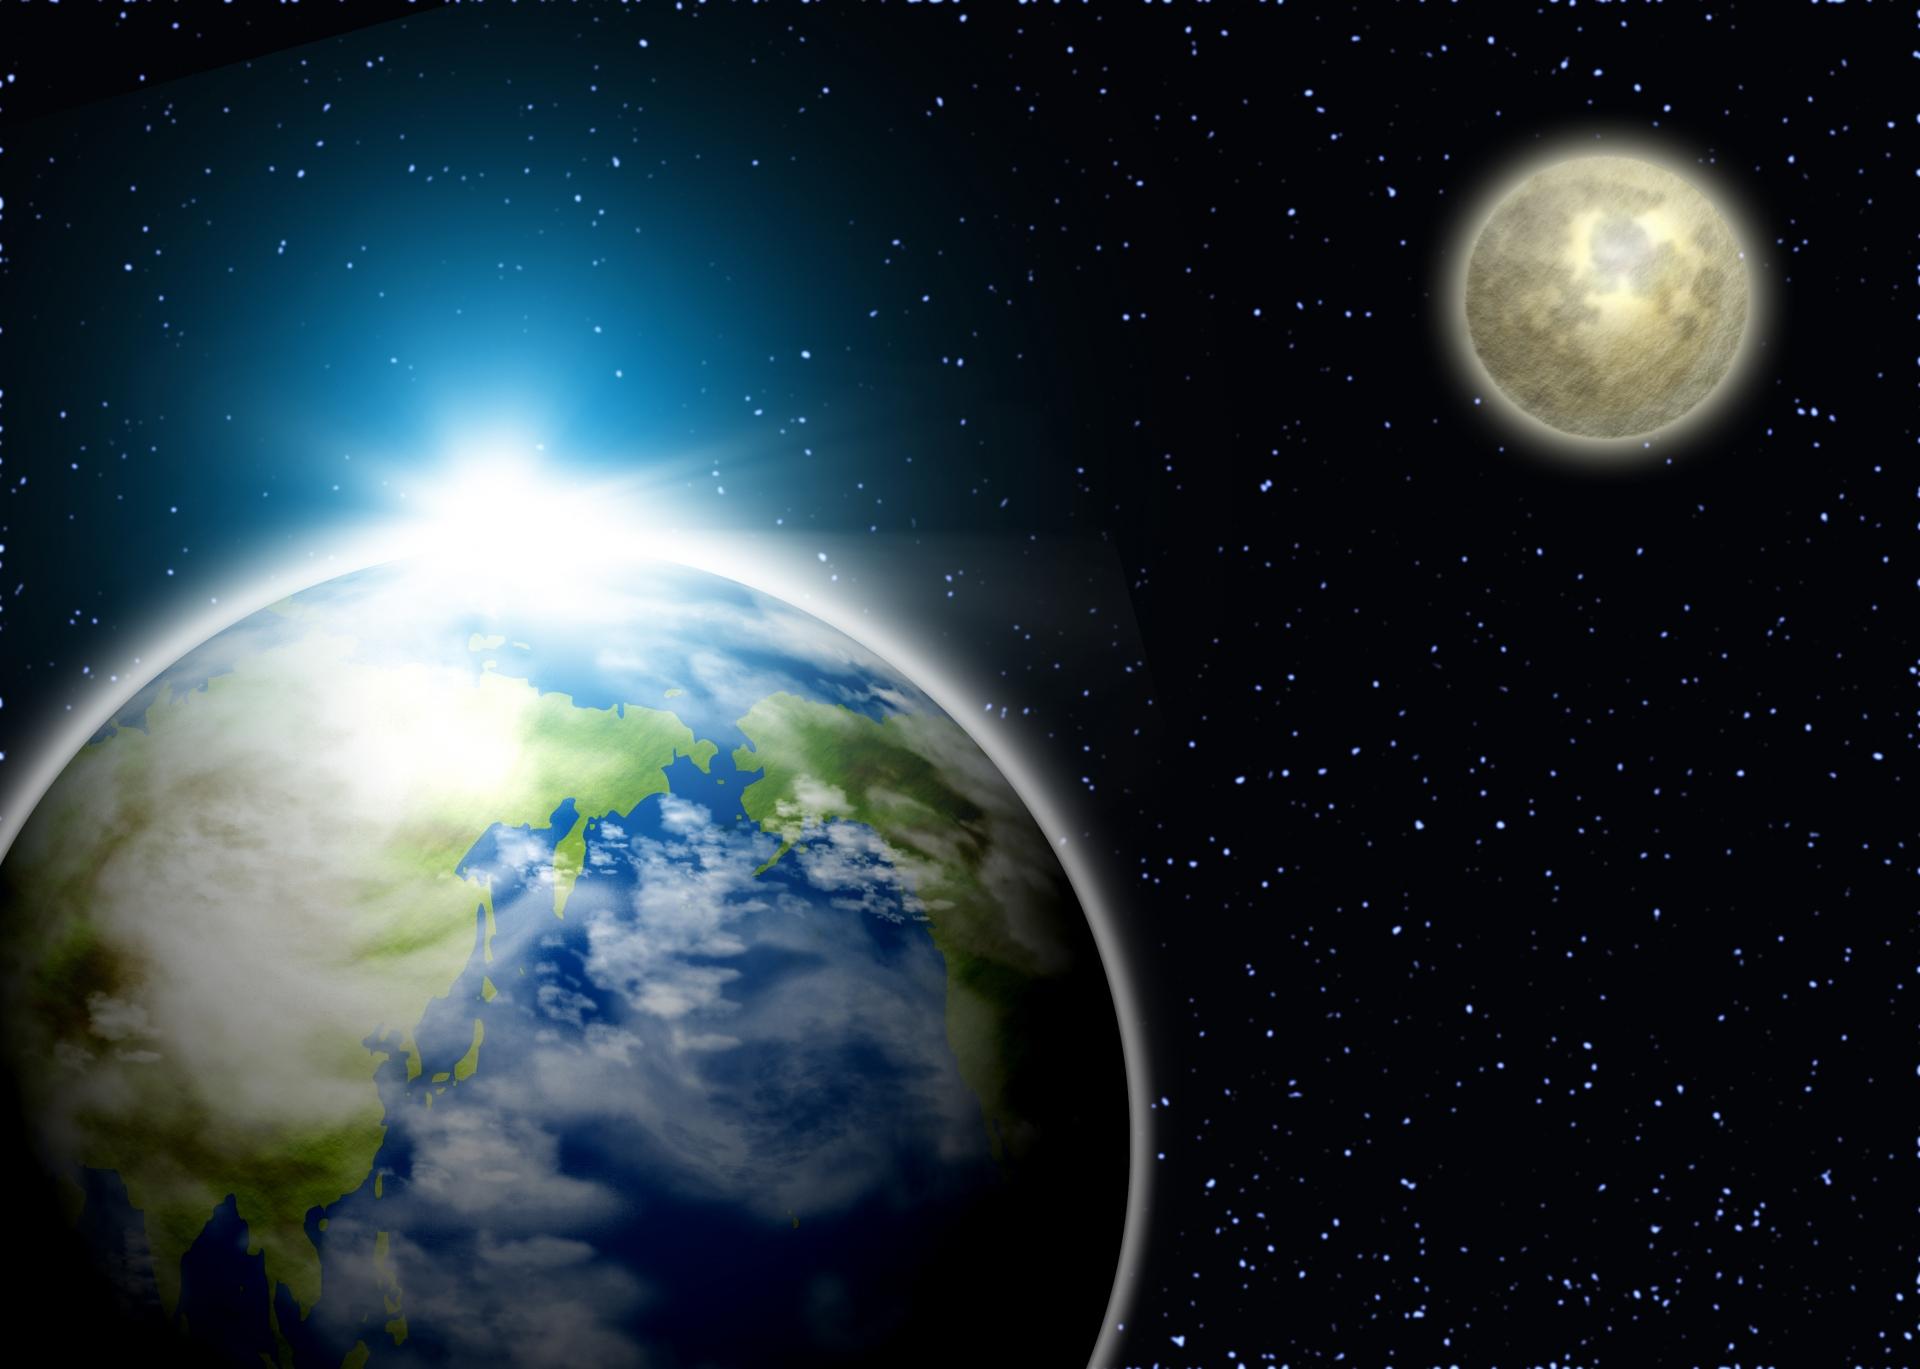 NASAでは放射線による健康被害を水素で軽減